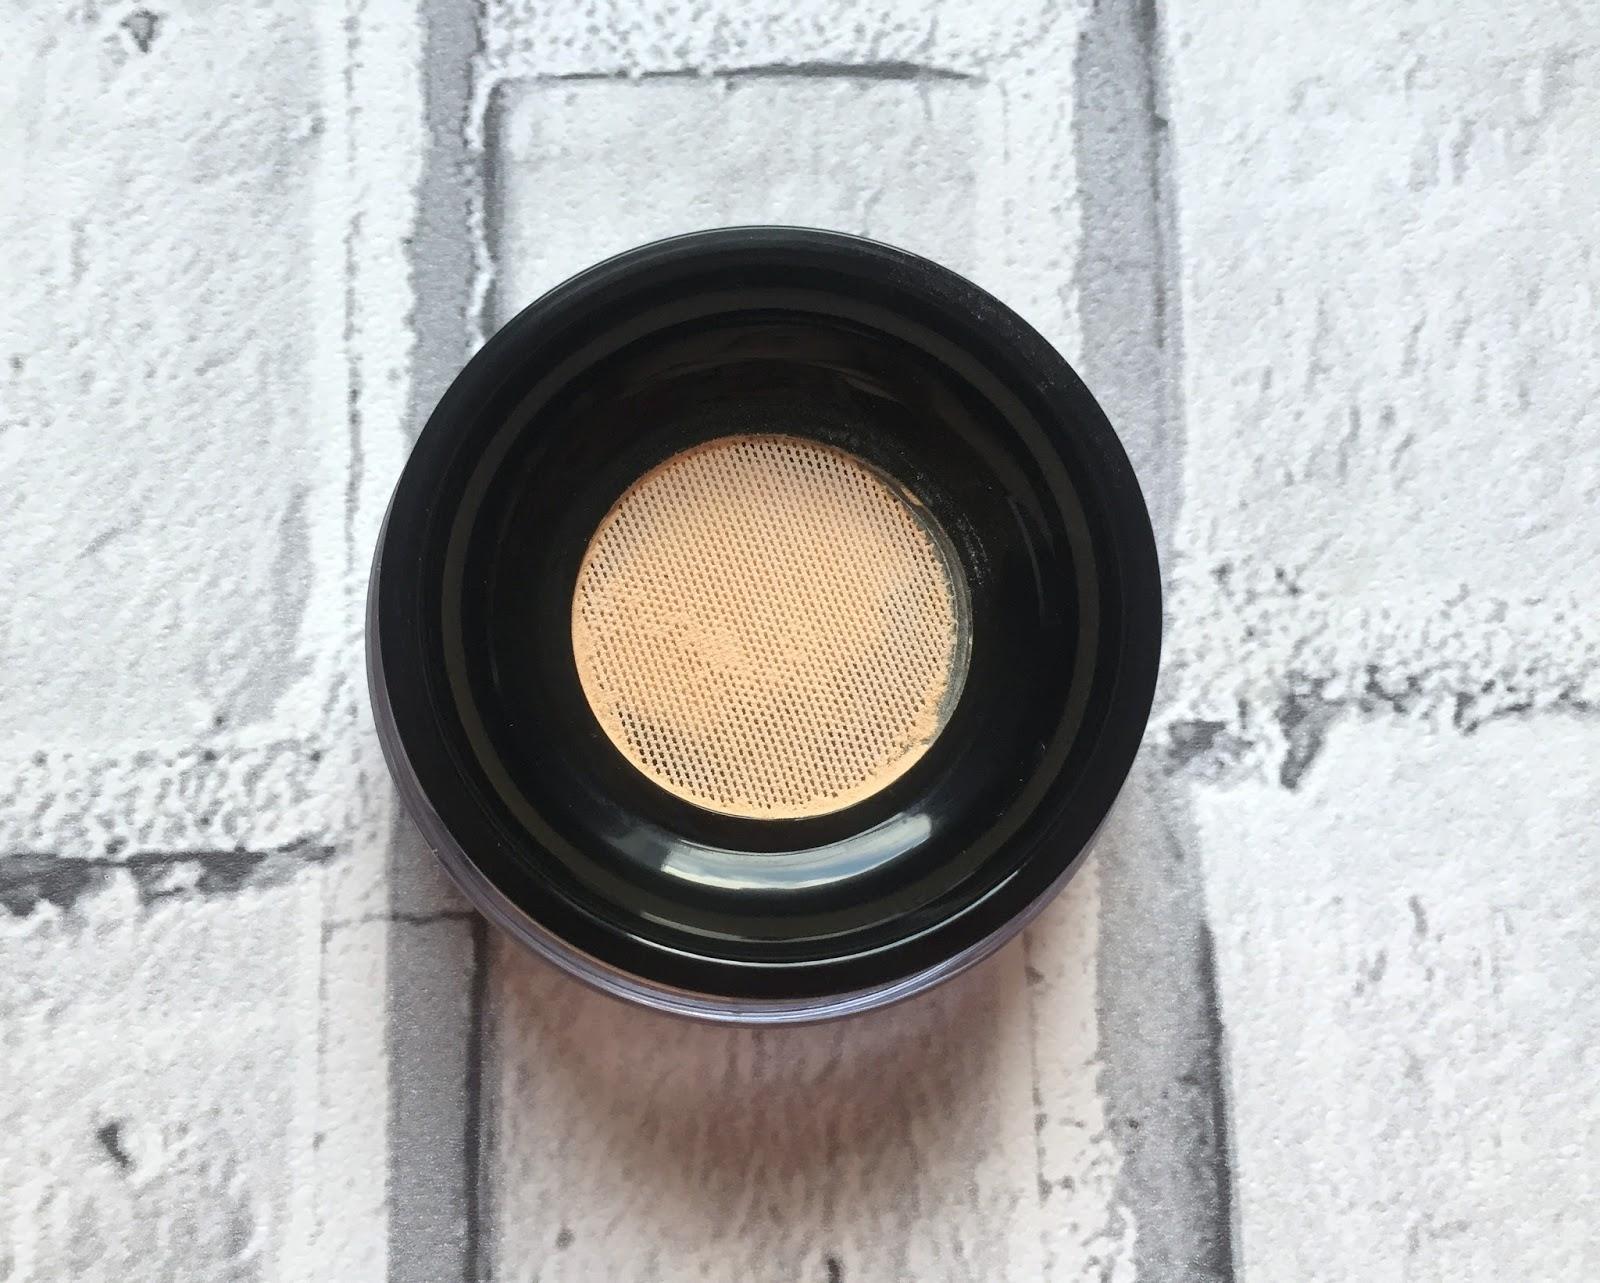 Mac Studio Fix Perfecting Powder. Trying Out New Mac Products Mammaful Zo Beauty Fashion Lifestyle